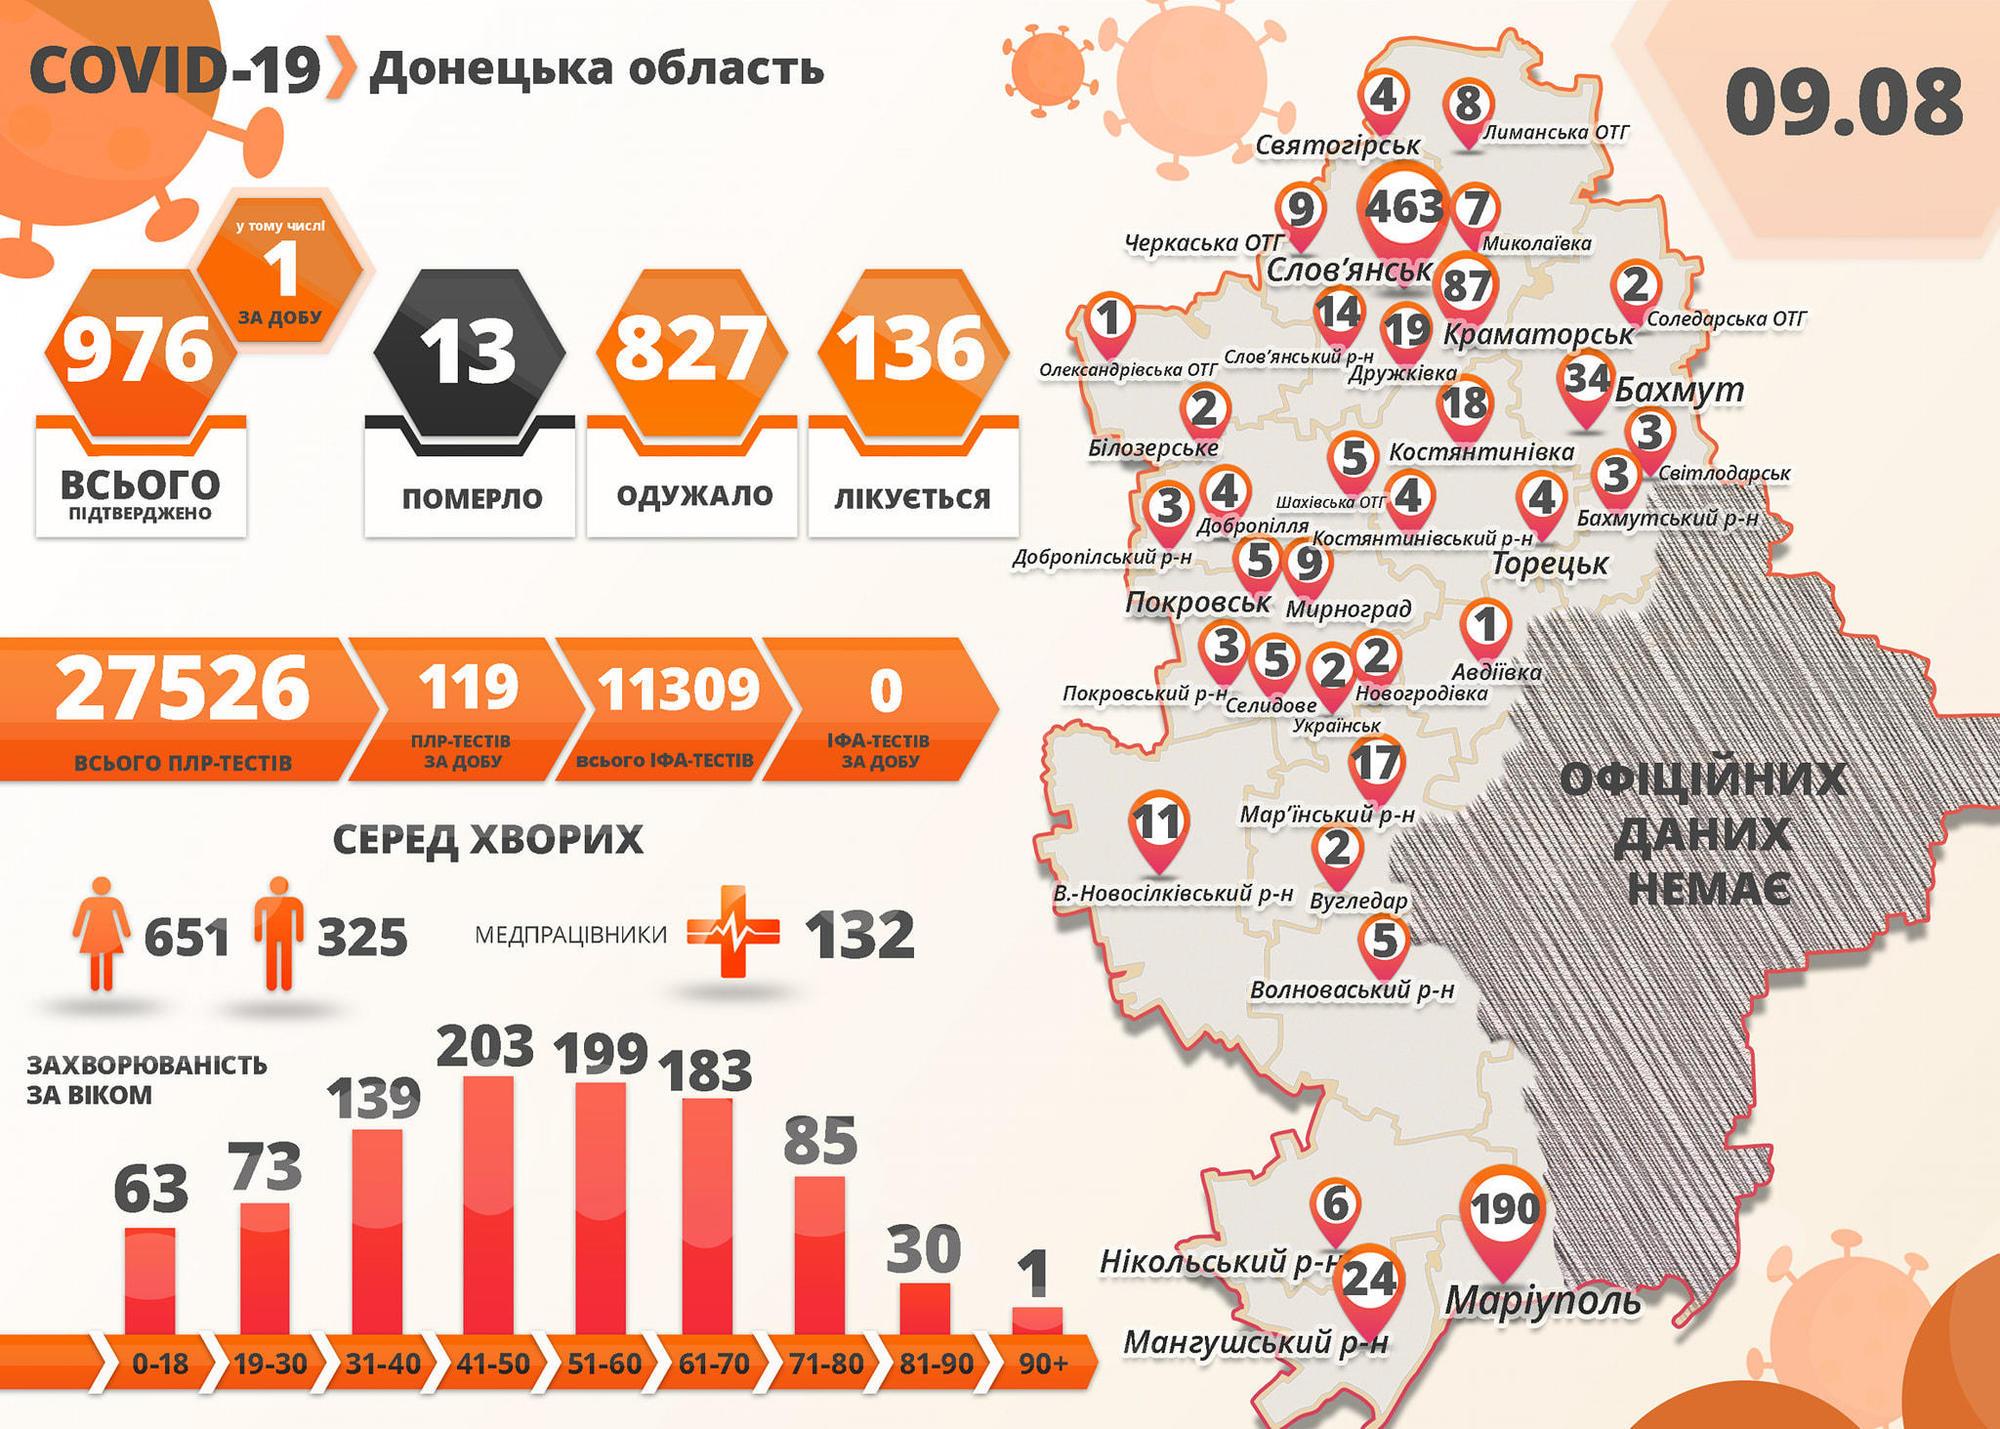 COVID-19: На підконтрольній Донеччині 1 новий пацієнт, в Україні загалом – 1008